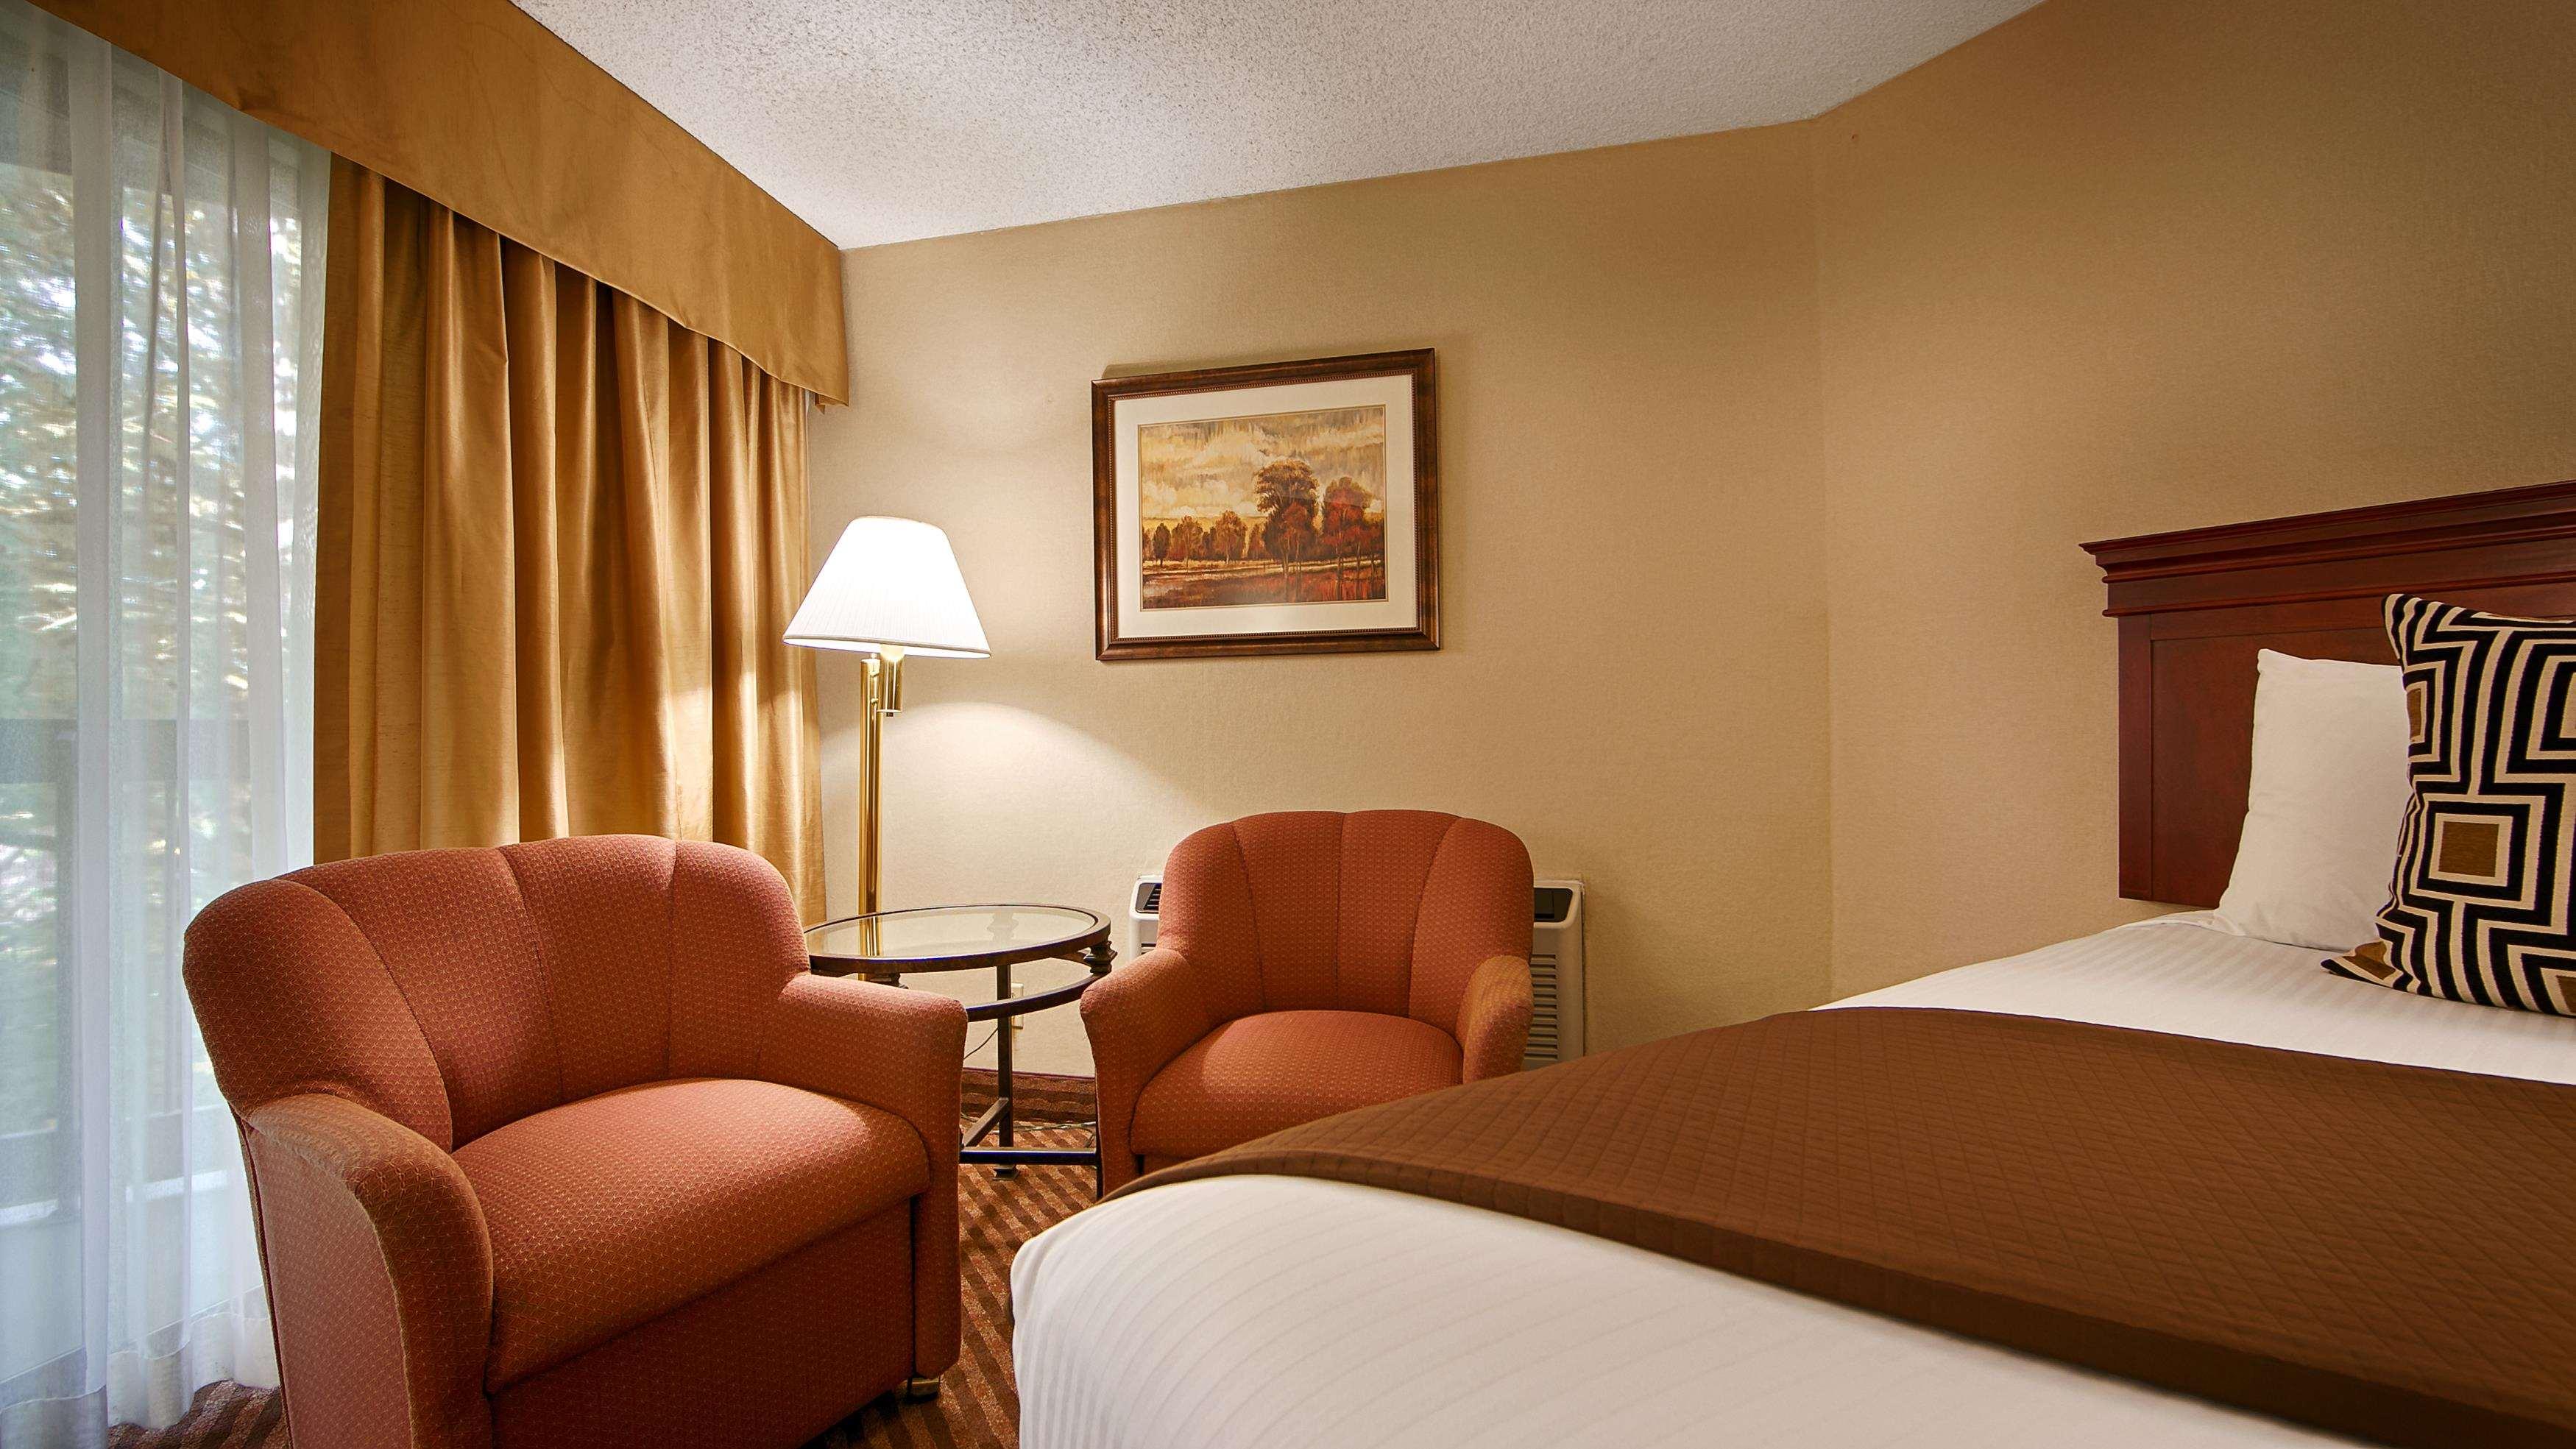 Budget Motel Eugene Oregon